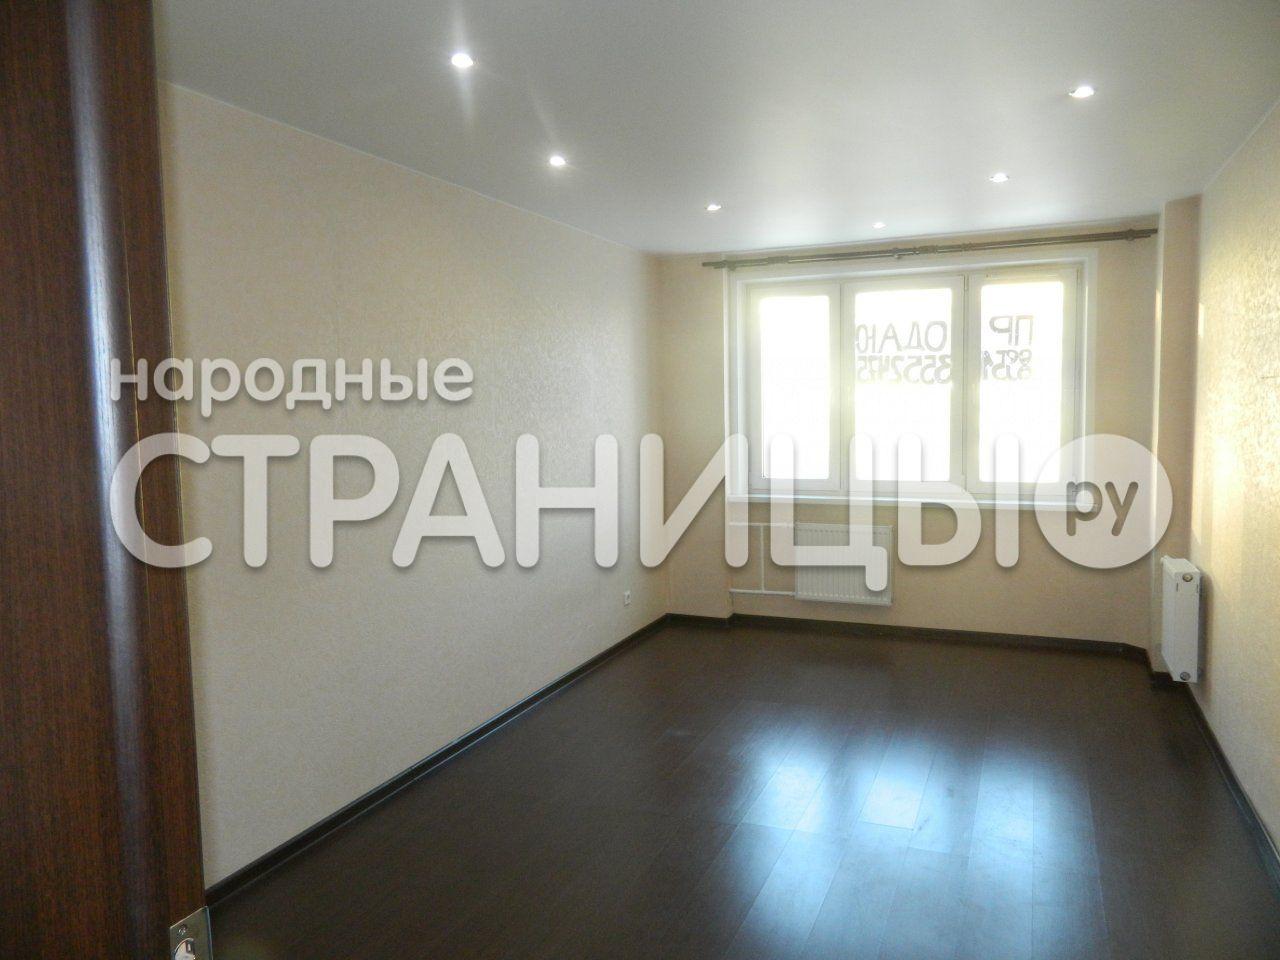 1-комнатная квартира, 43.0 м²,  6/9 эт. Панельный дом